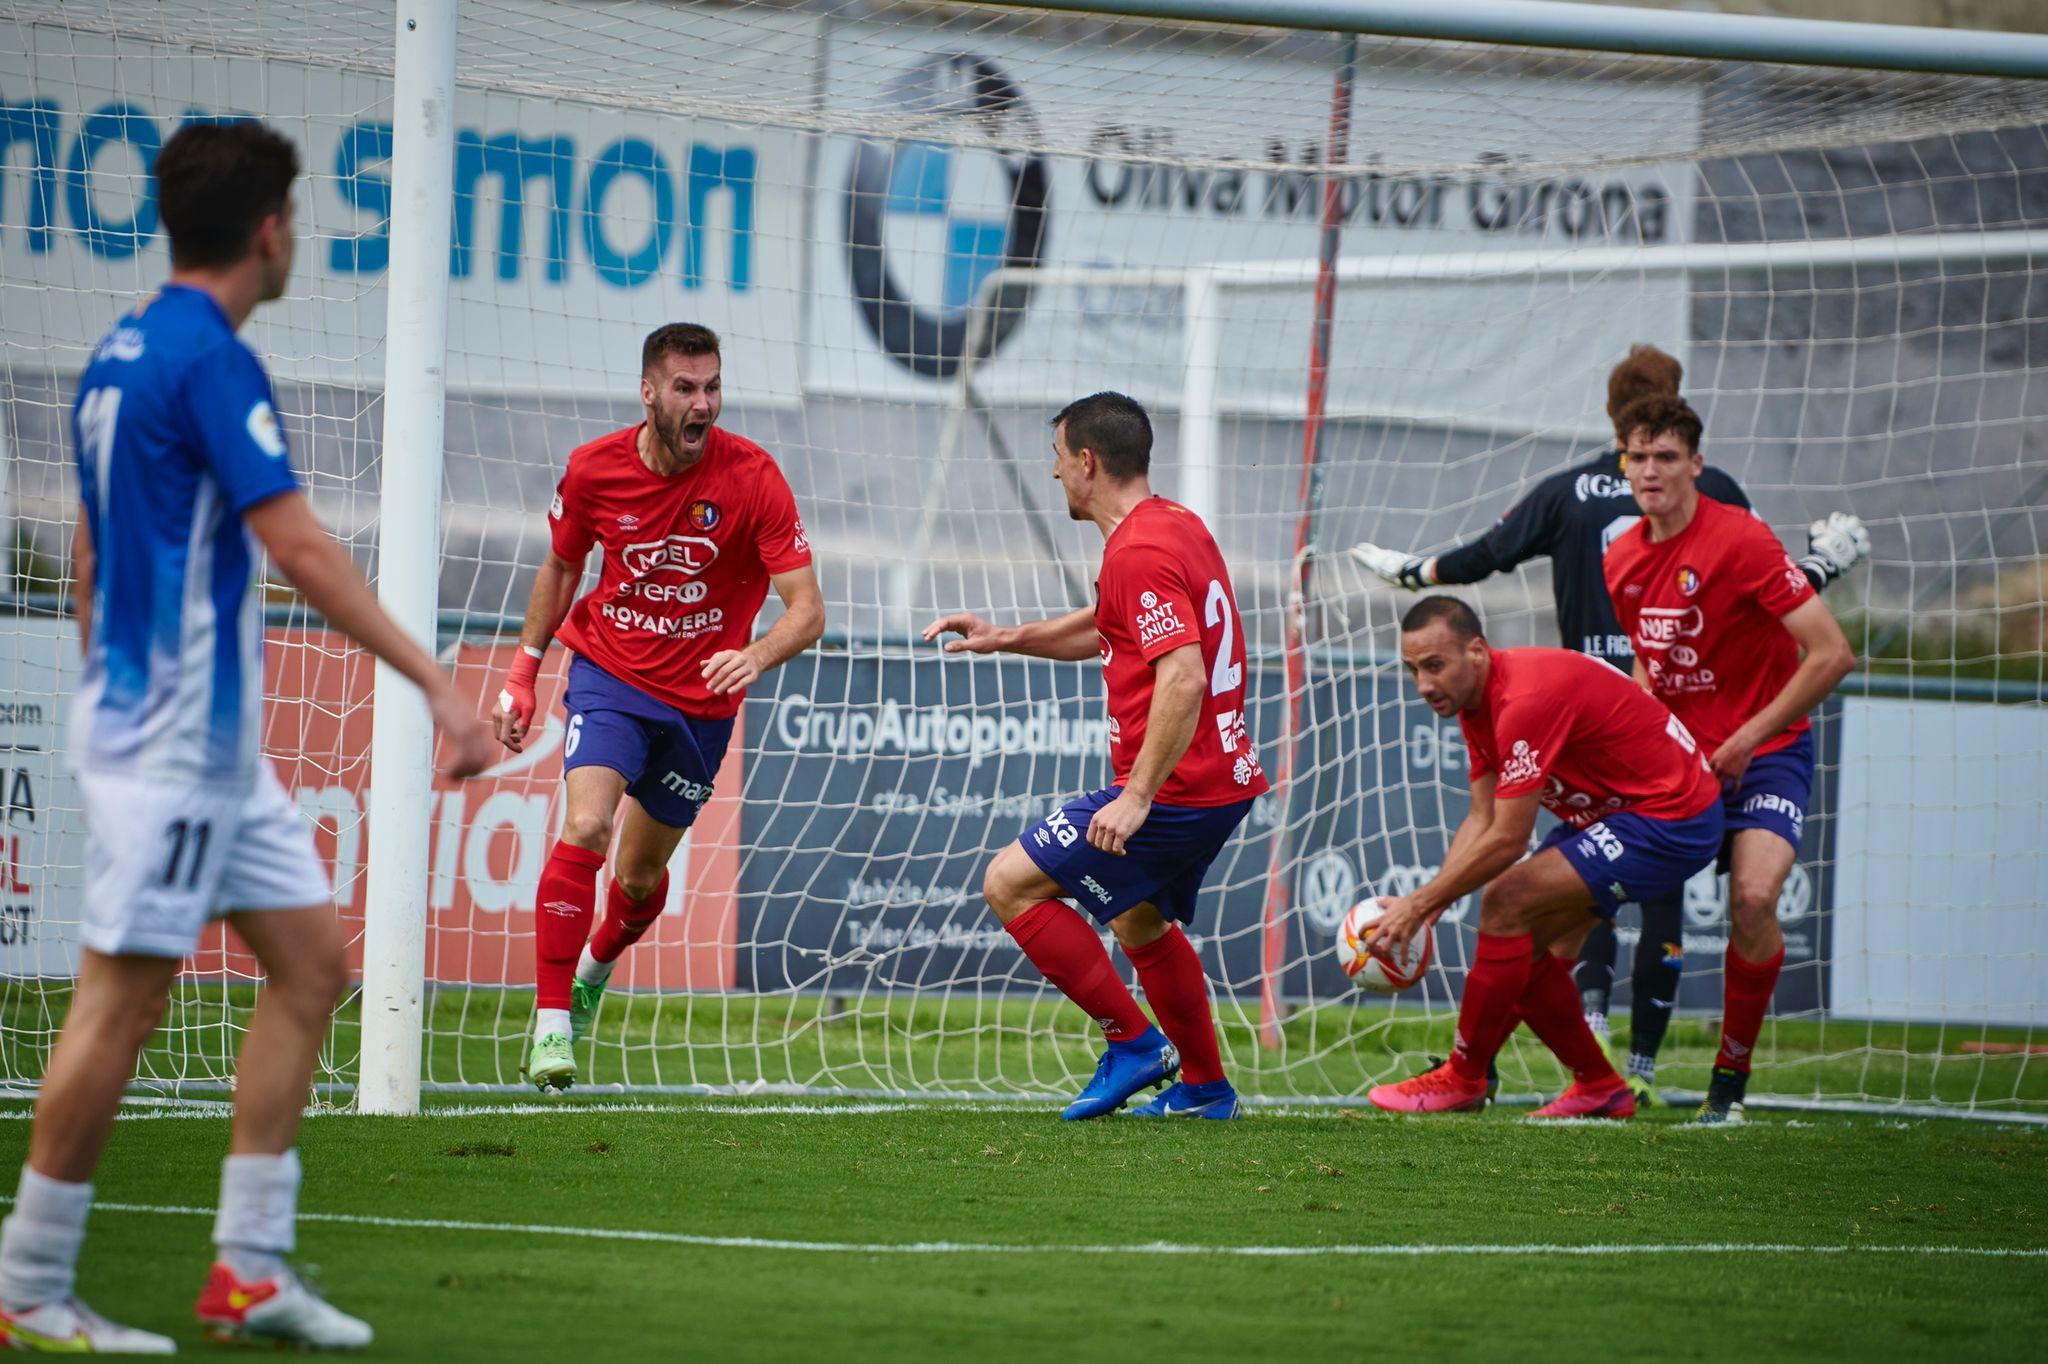 L'Olot guanya enmig de la bogeria del derbi contra el Figueres (4-3)